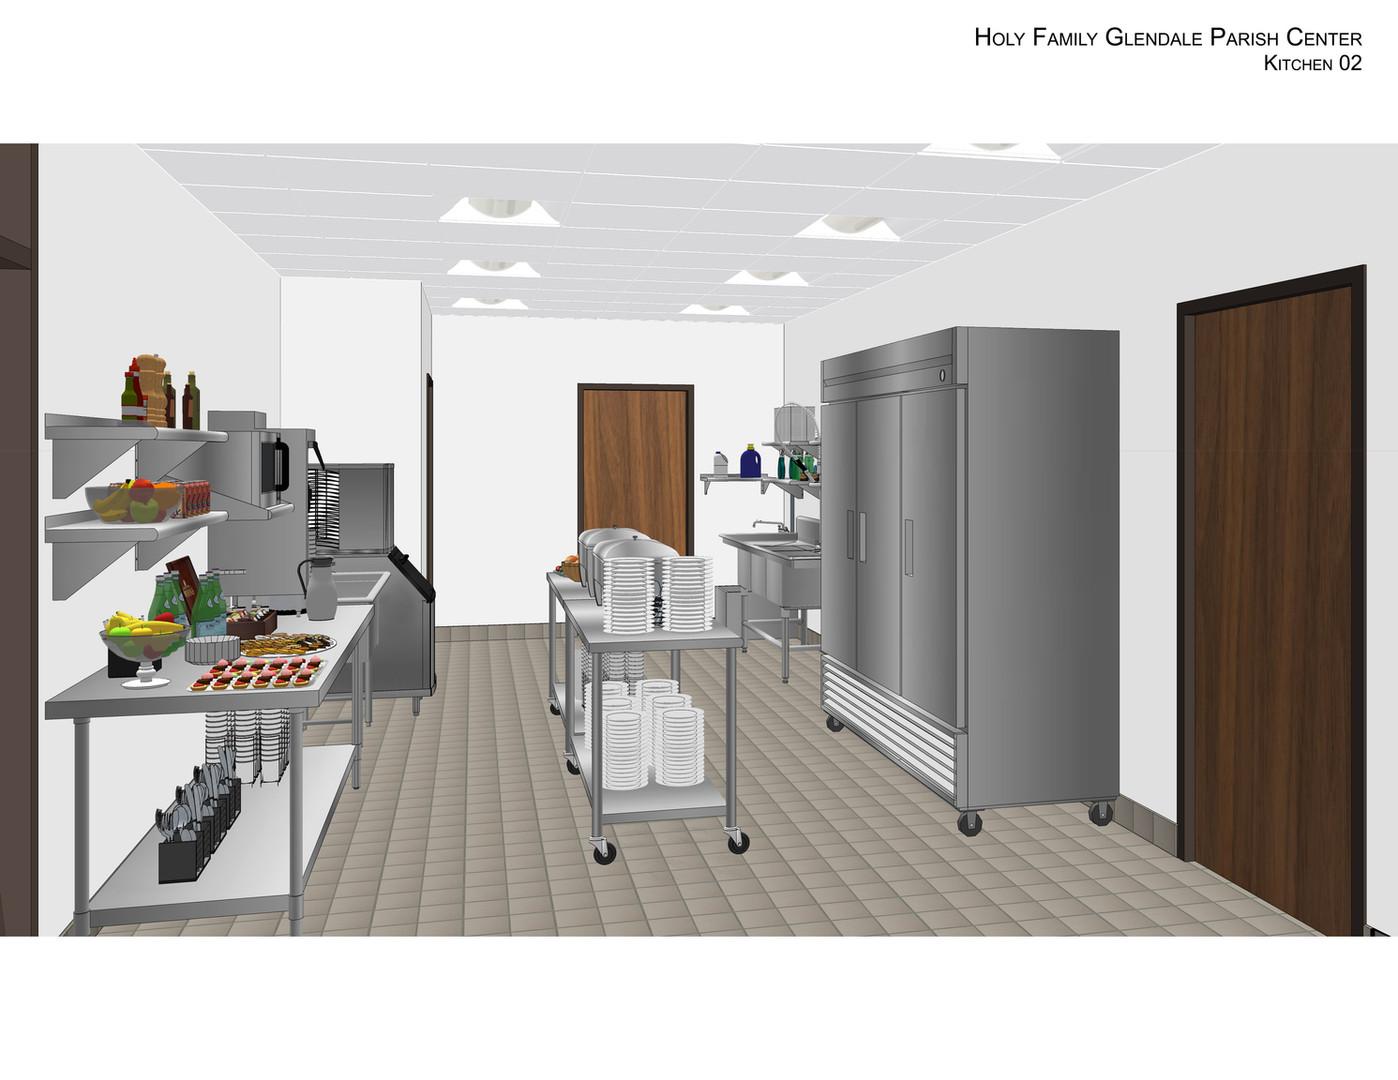 201008_Kitchen-02.jpg